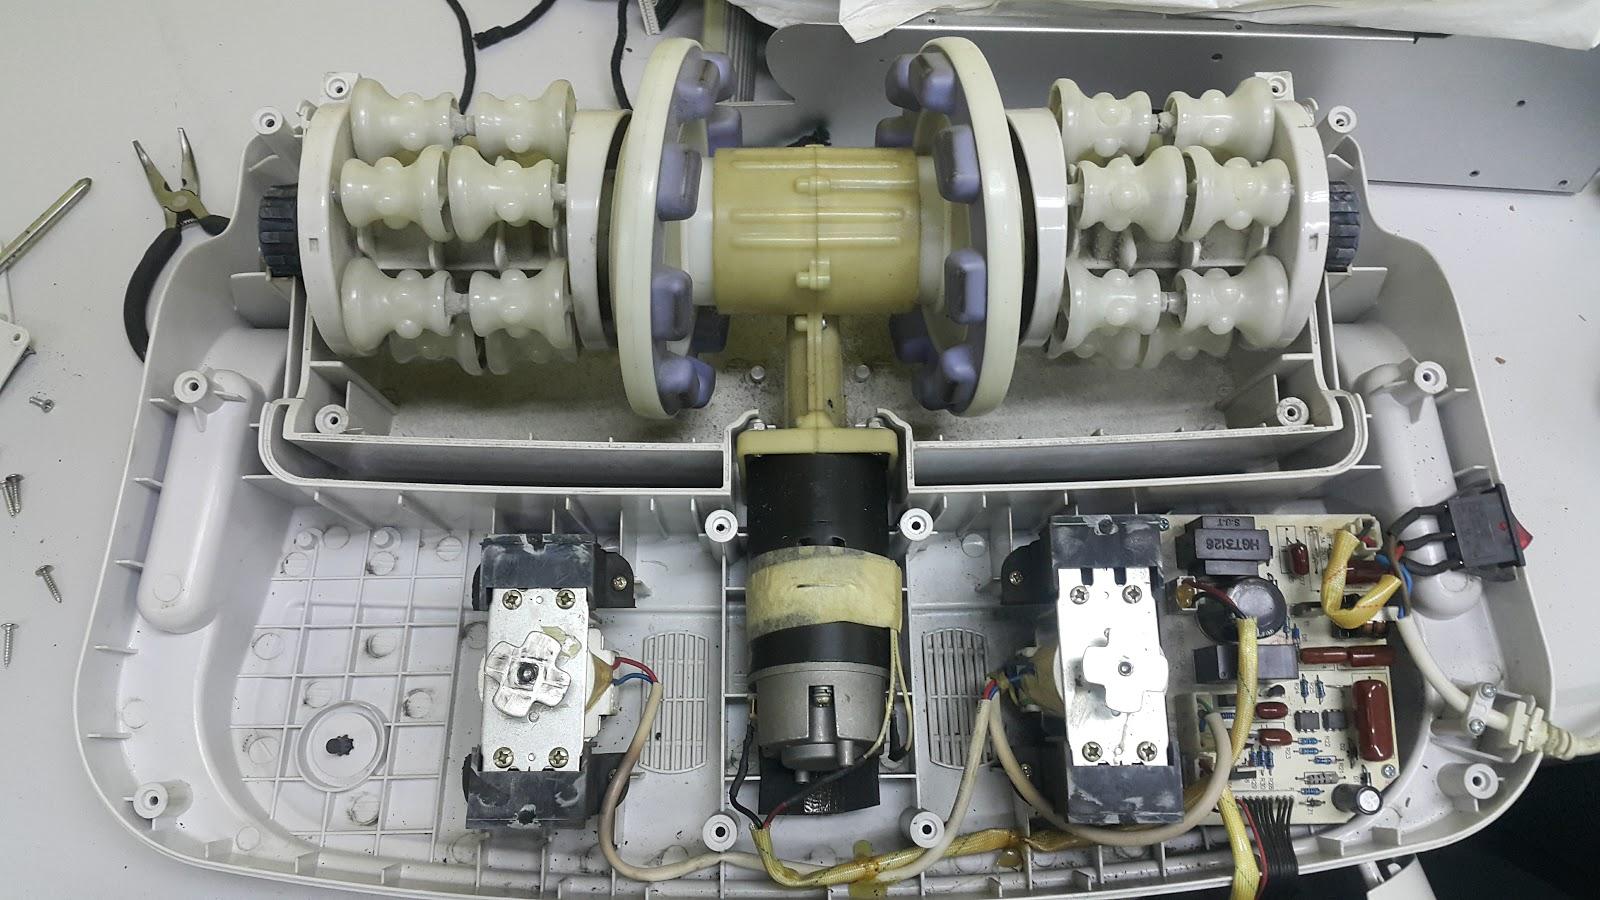 Proform Treadmill Motor Controller